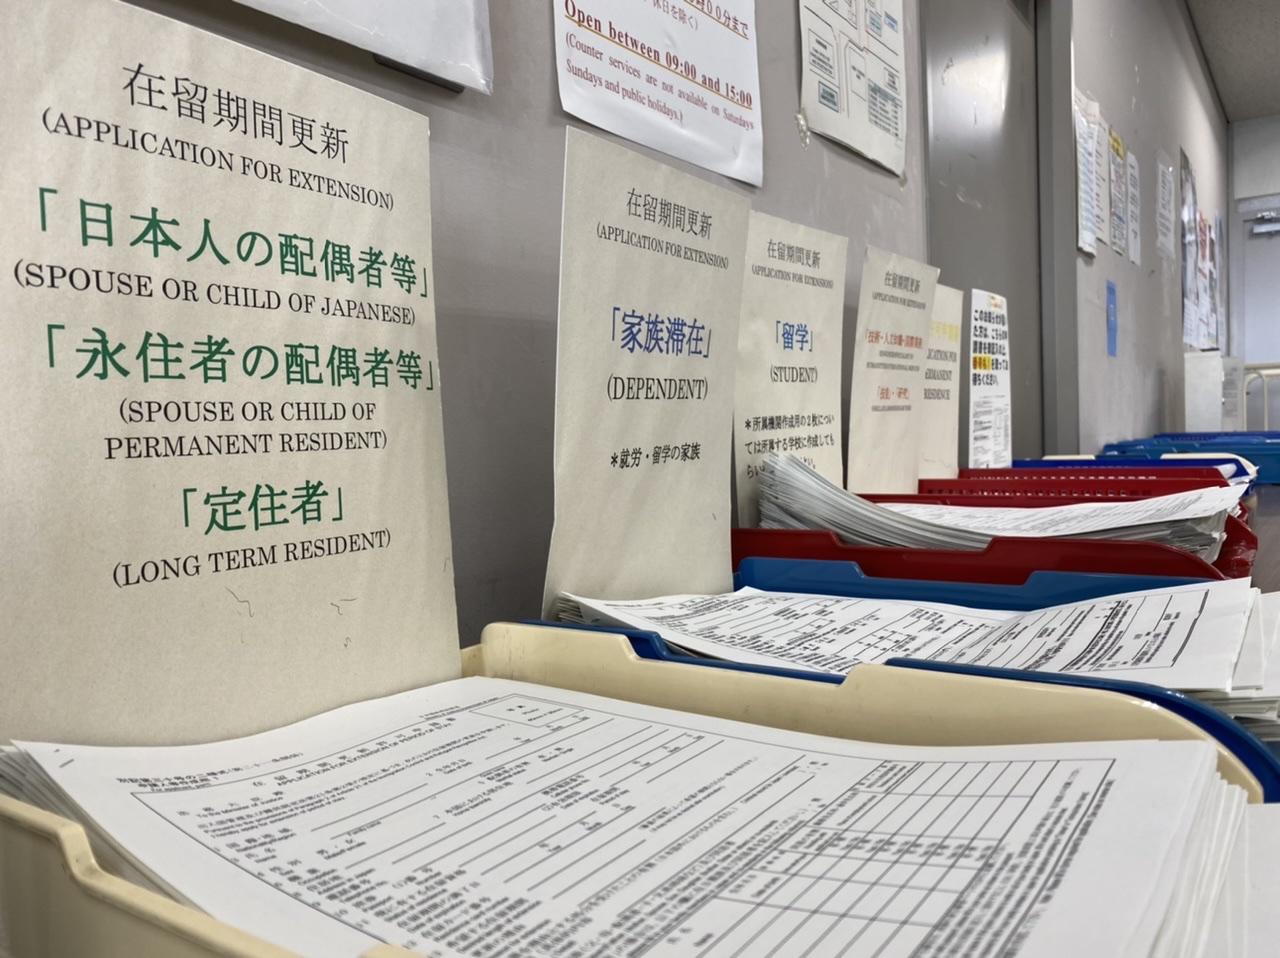 अब जापानको भिसा नबिकरण र परिवर्तन अनलाइनबाटै गर्न सकिने